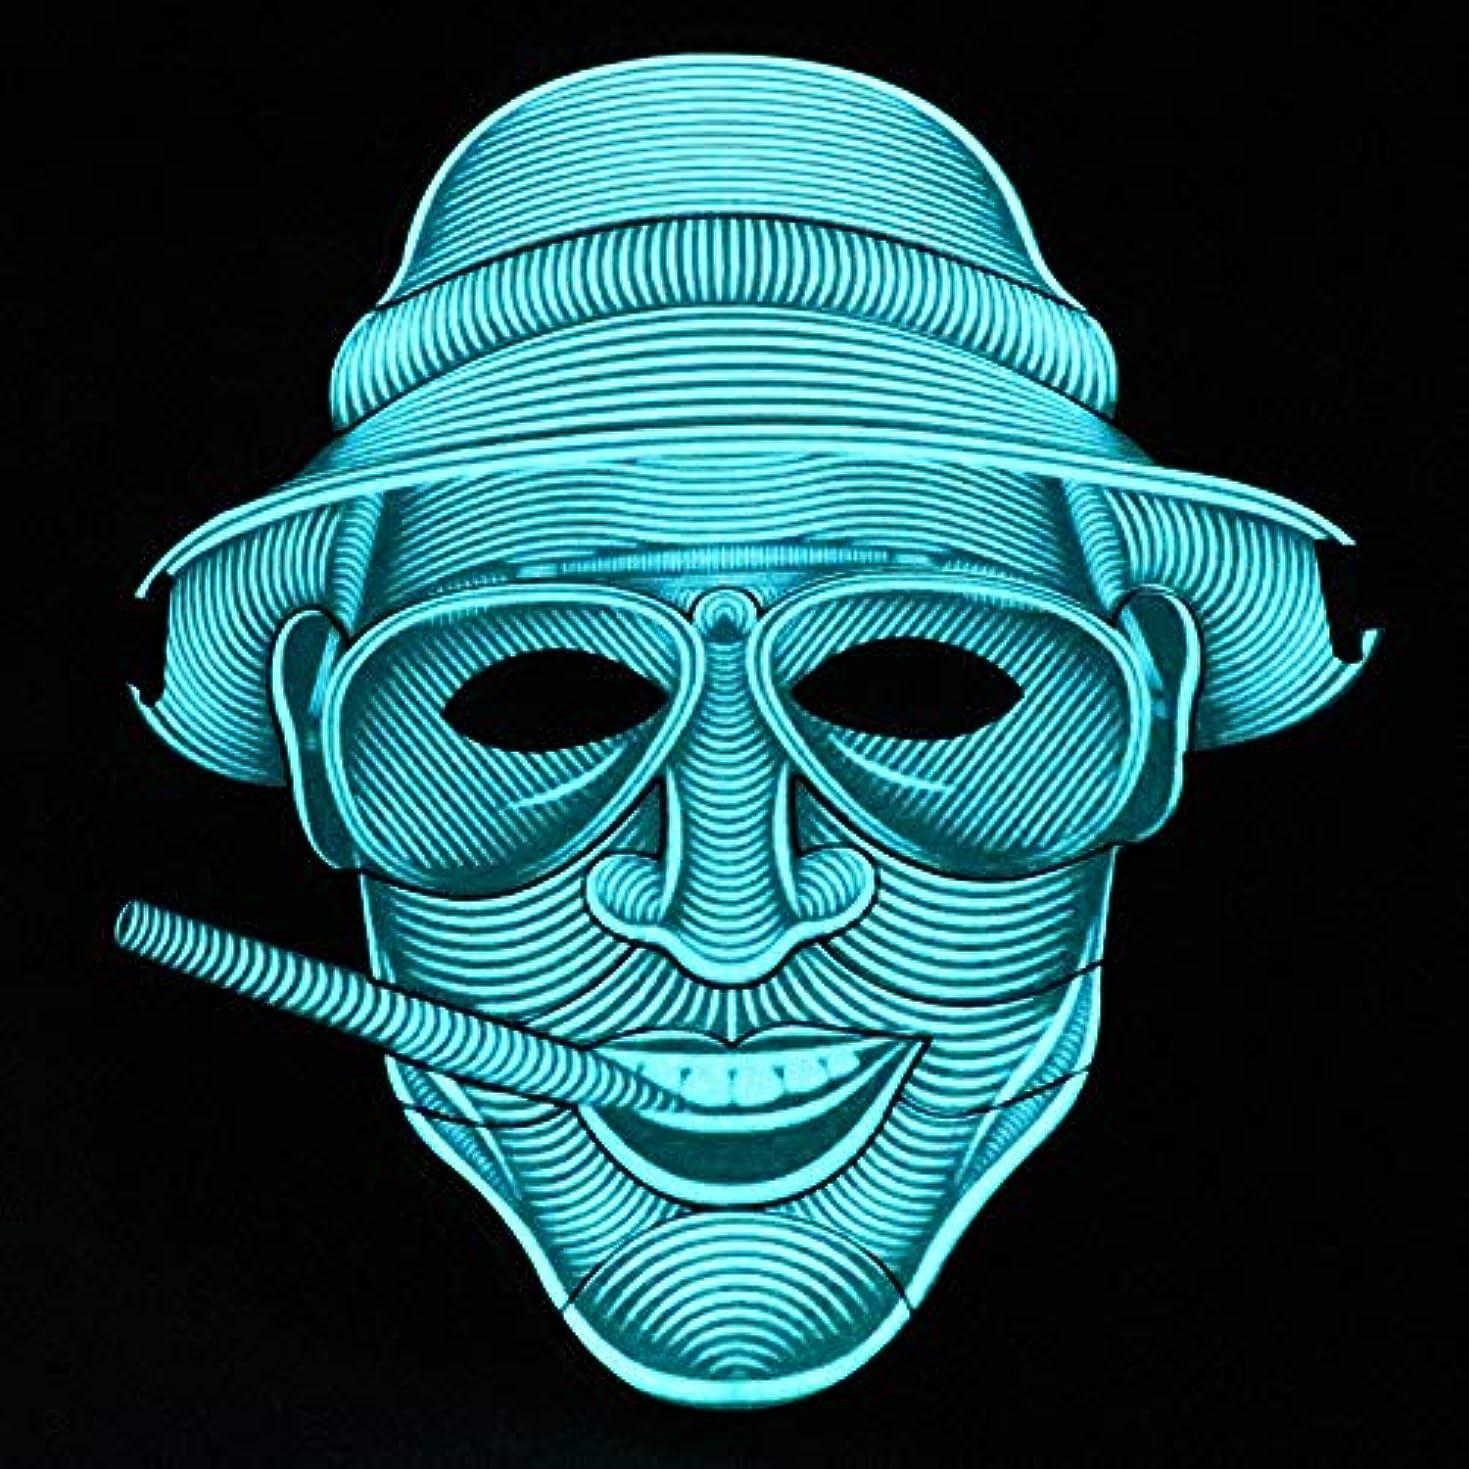 伴う寺院不機嫌そうな照らされたマスクLED創造的な冷光音響制御マスクハロウィンバーフェスティバルダンスマスク (Color : #1)